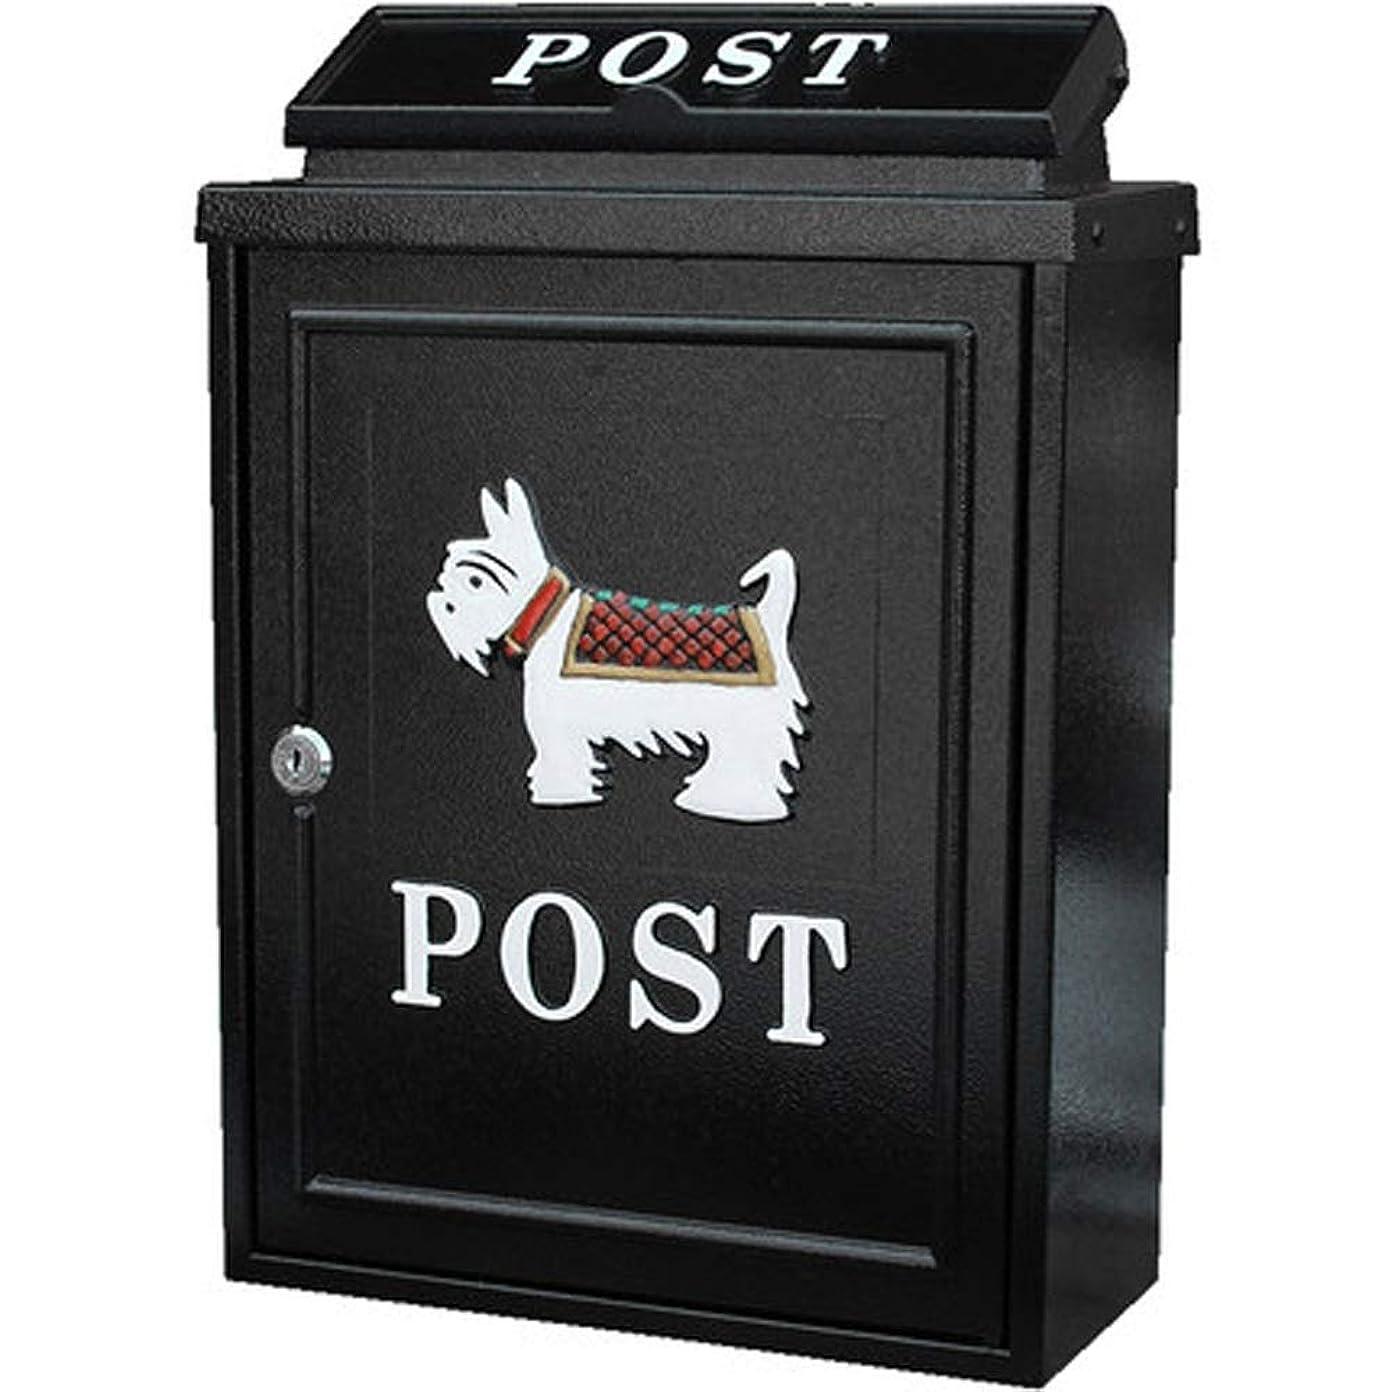 マルクス主義不可能な翻訳SHYPwM ヨーロッパの別荘のレターボックス屋外の提案箱雨水郵便箱付き郵便ポストの庭クリエイティブレターボックス (色 : ブラック)